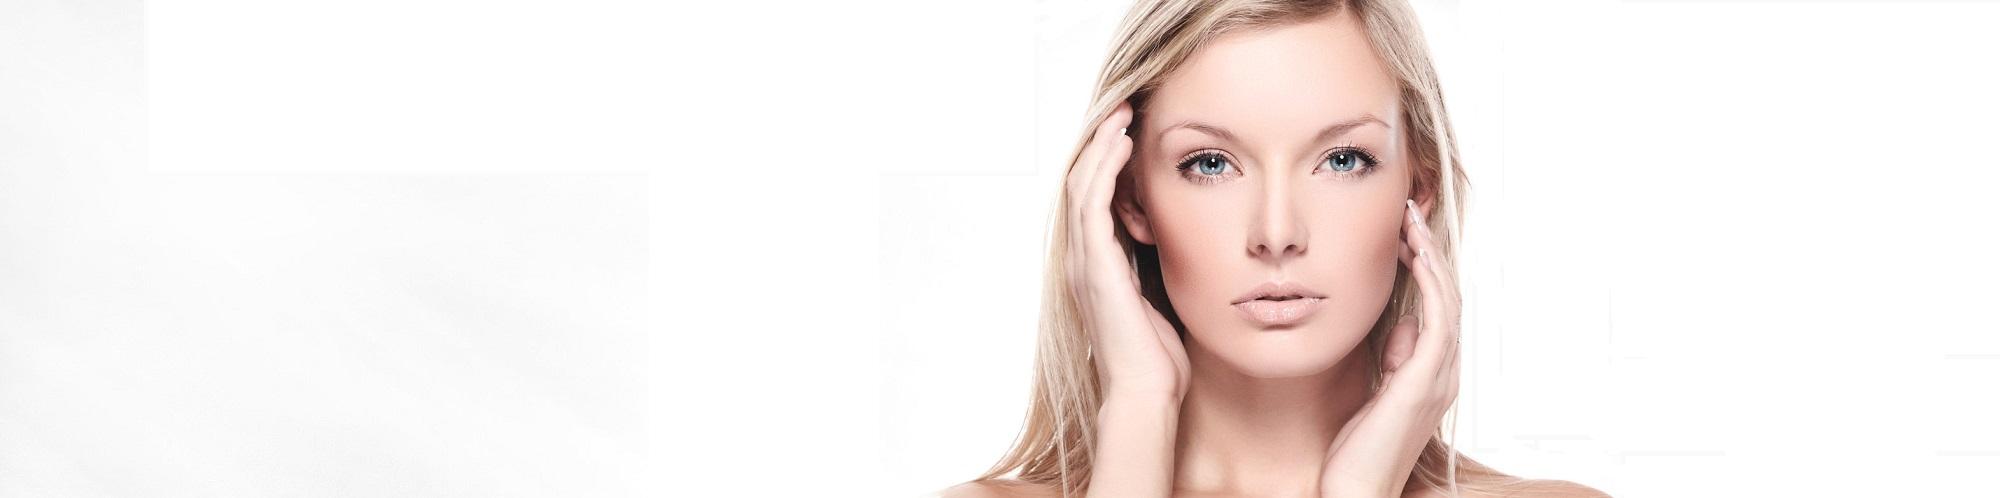 otoplastica-catania-chirurgia-plastica-youplast